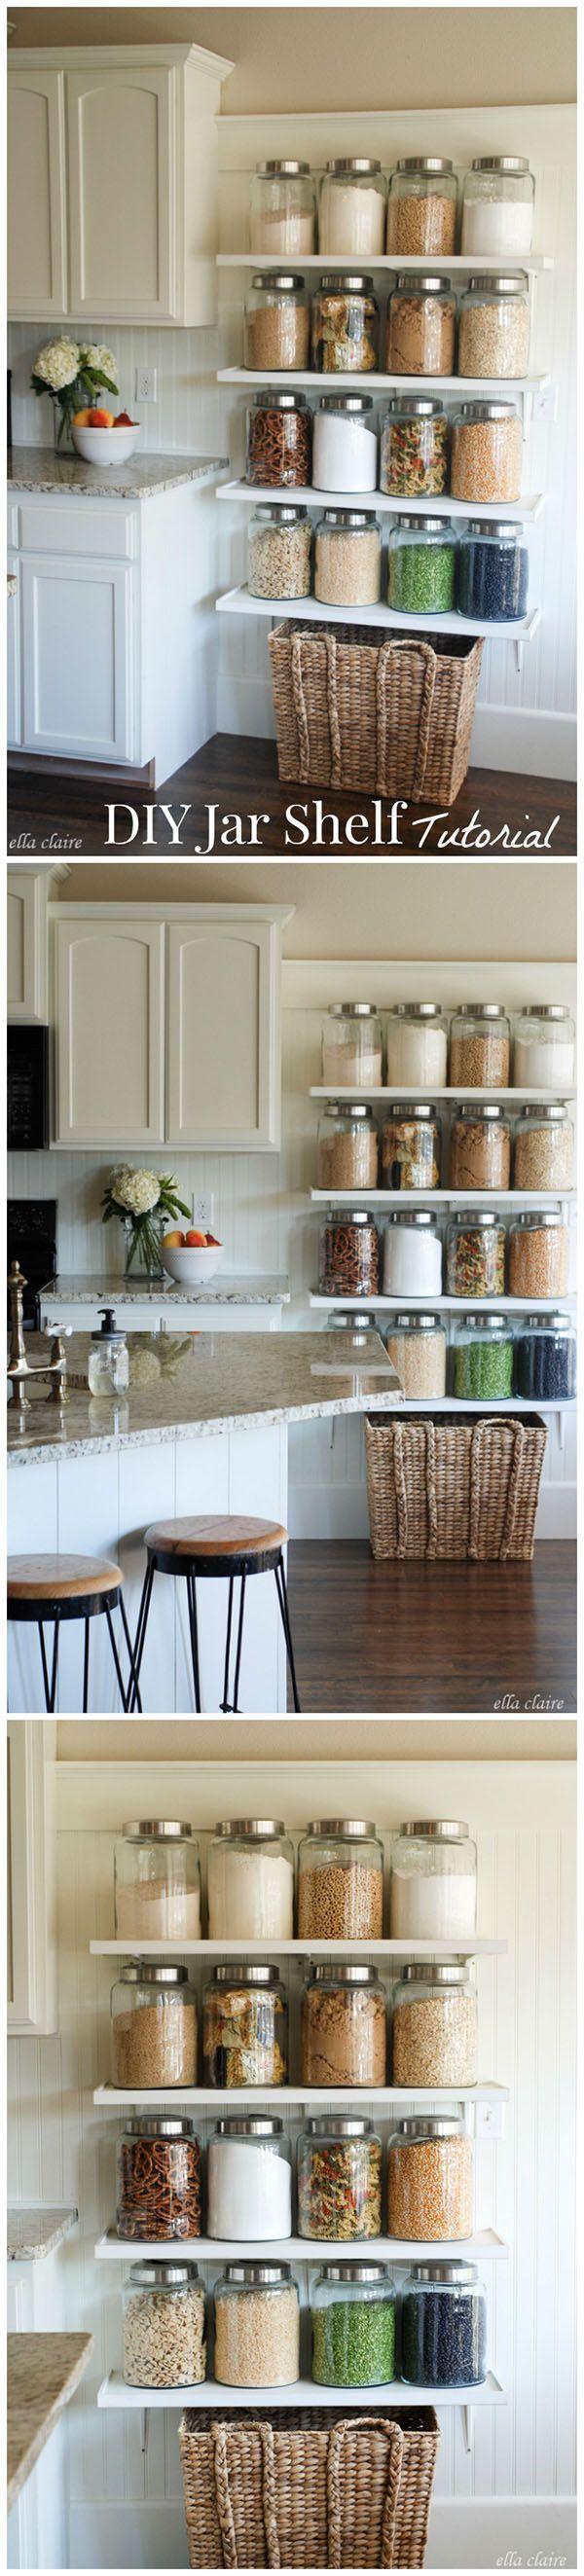 best farmhouse shelves images on pinterest shelving